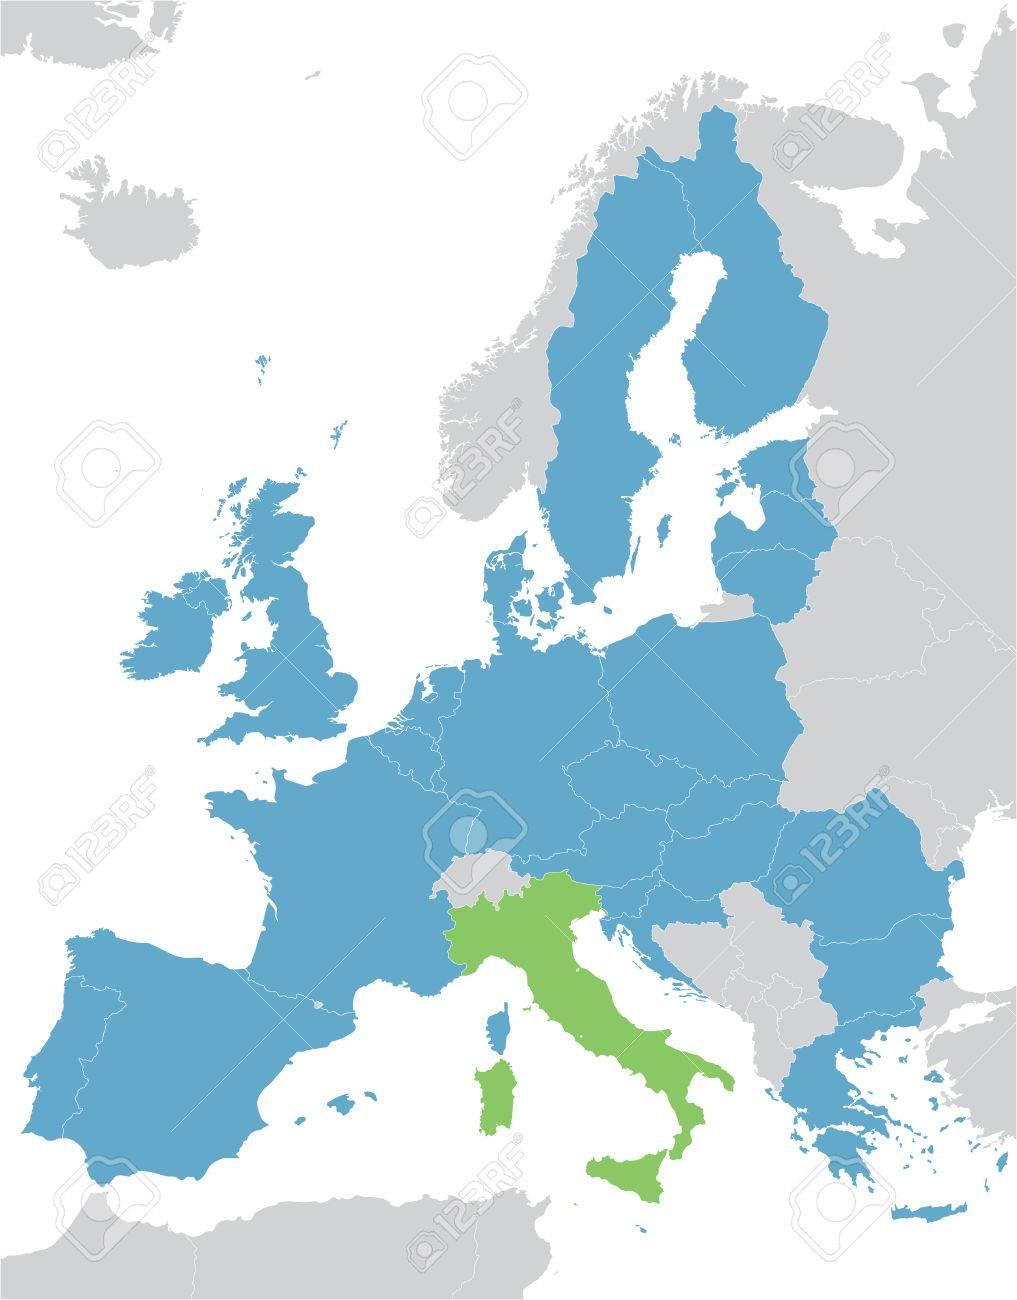 Carte Italie Europe.Carte De L Europe Et L Union Europeenne Avec L Indication De L Italie